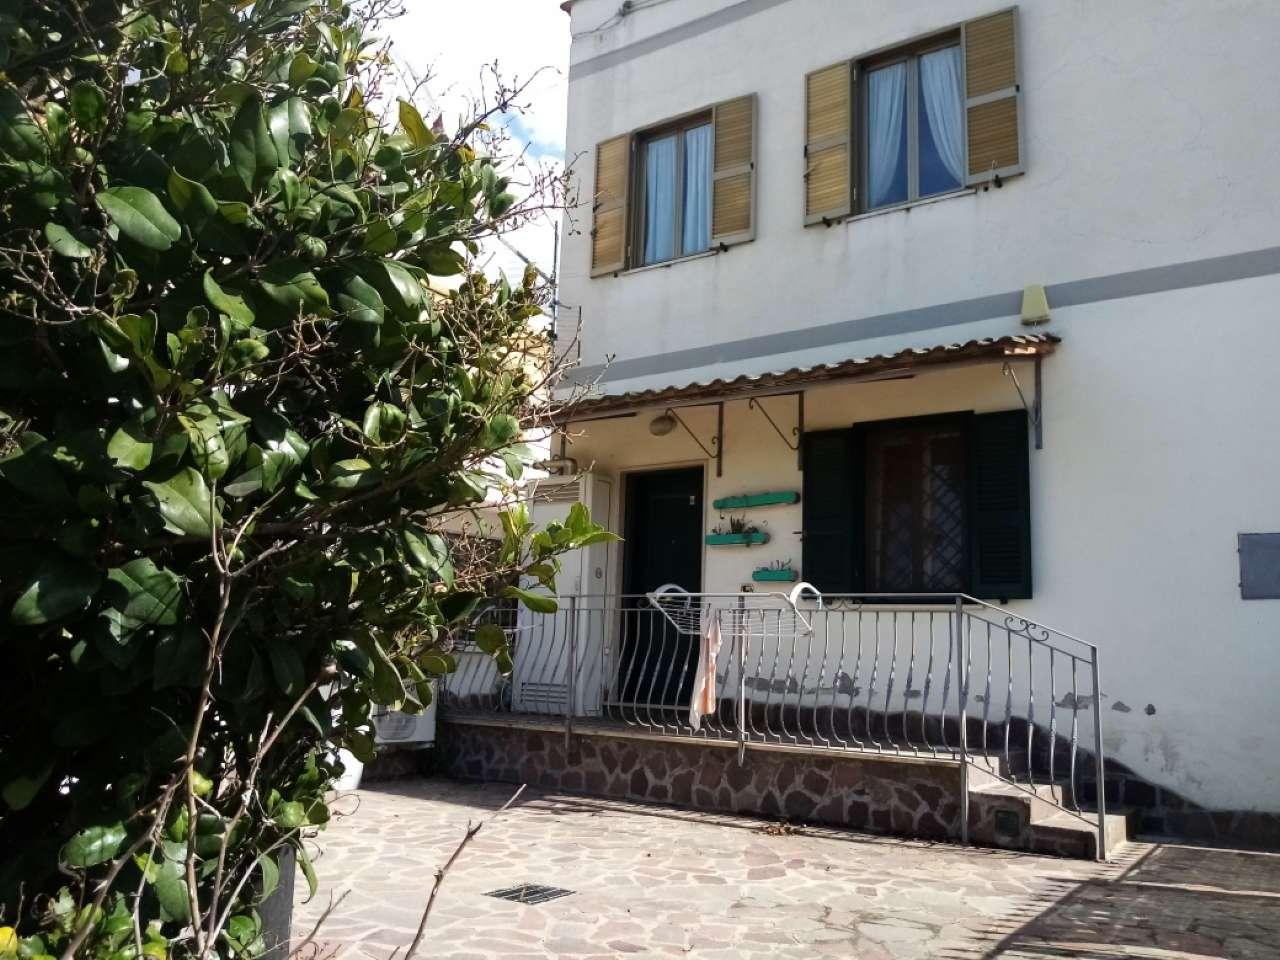 Appartamento in vendita a Guidonia Montecelio, 3 locali, prezzo € 135.000 | PortaleAgenzieImmobiliari.it